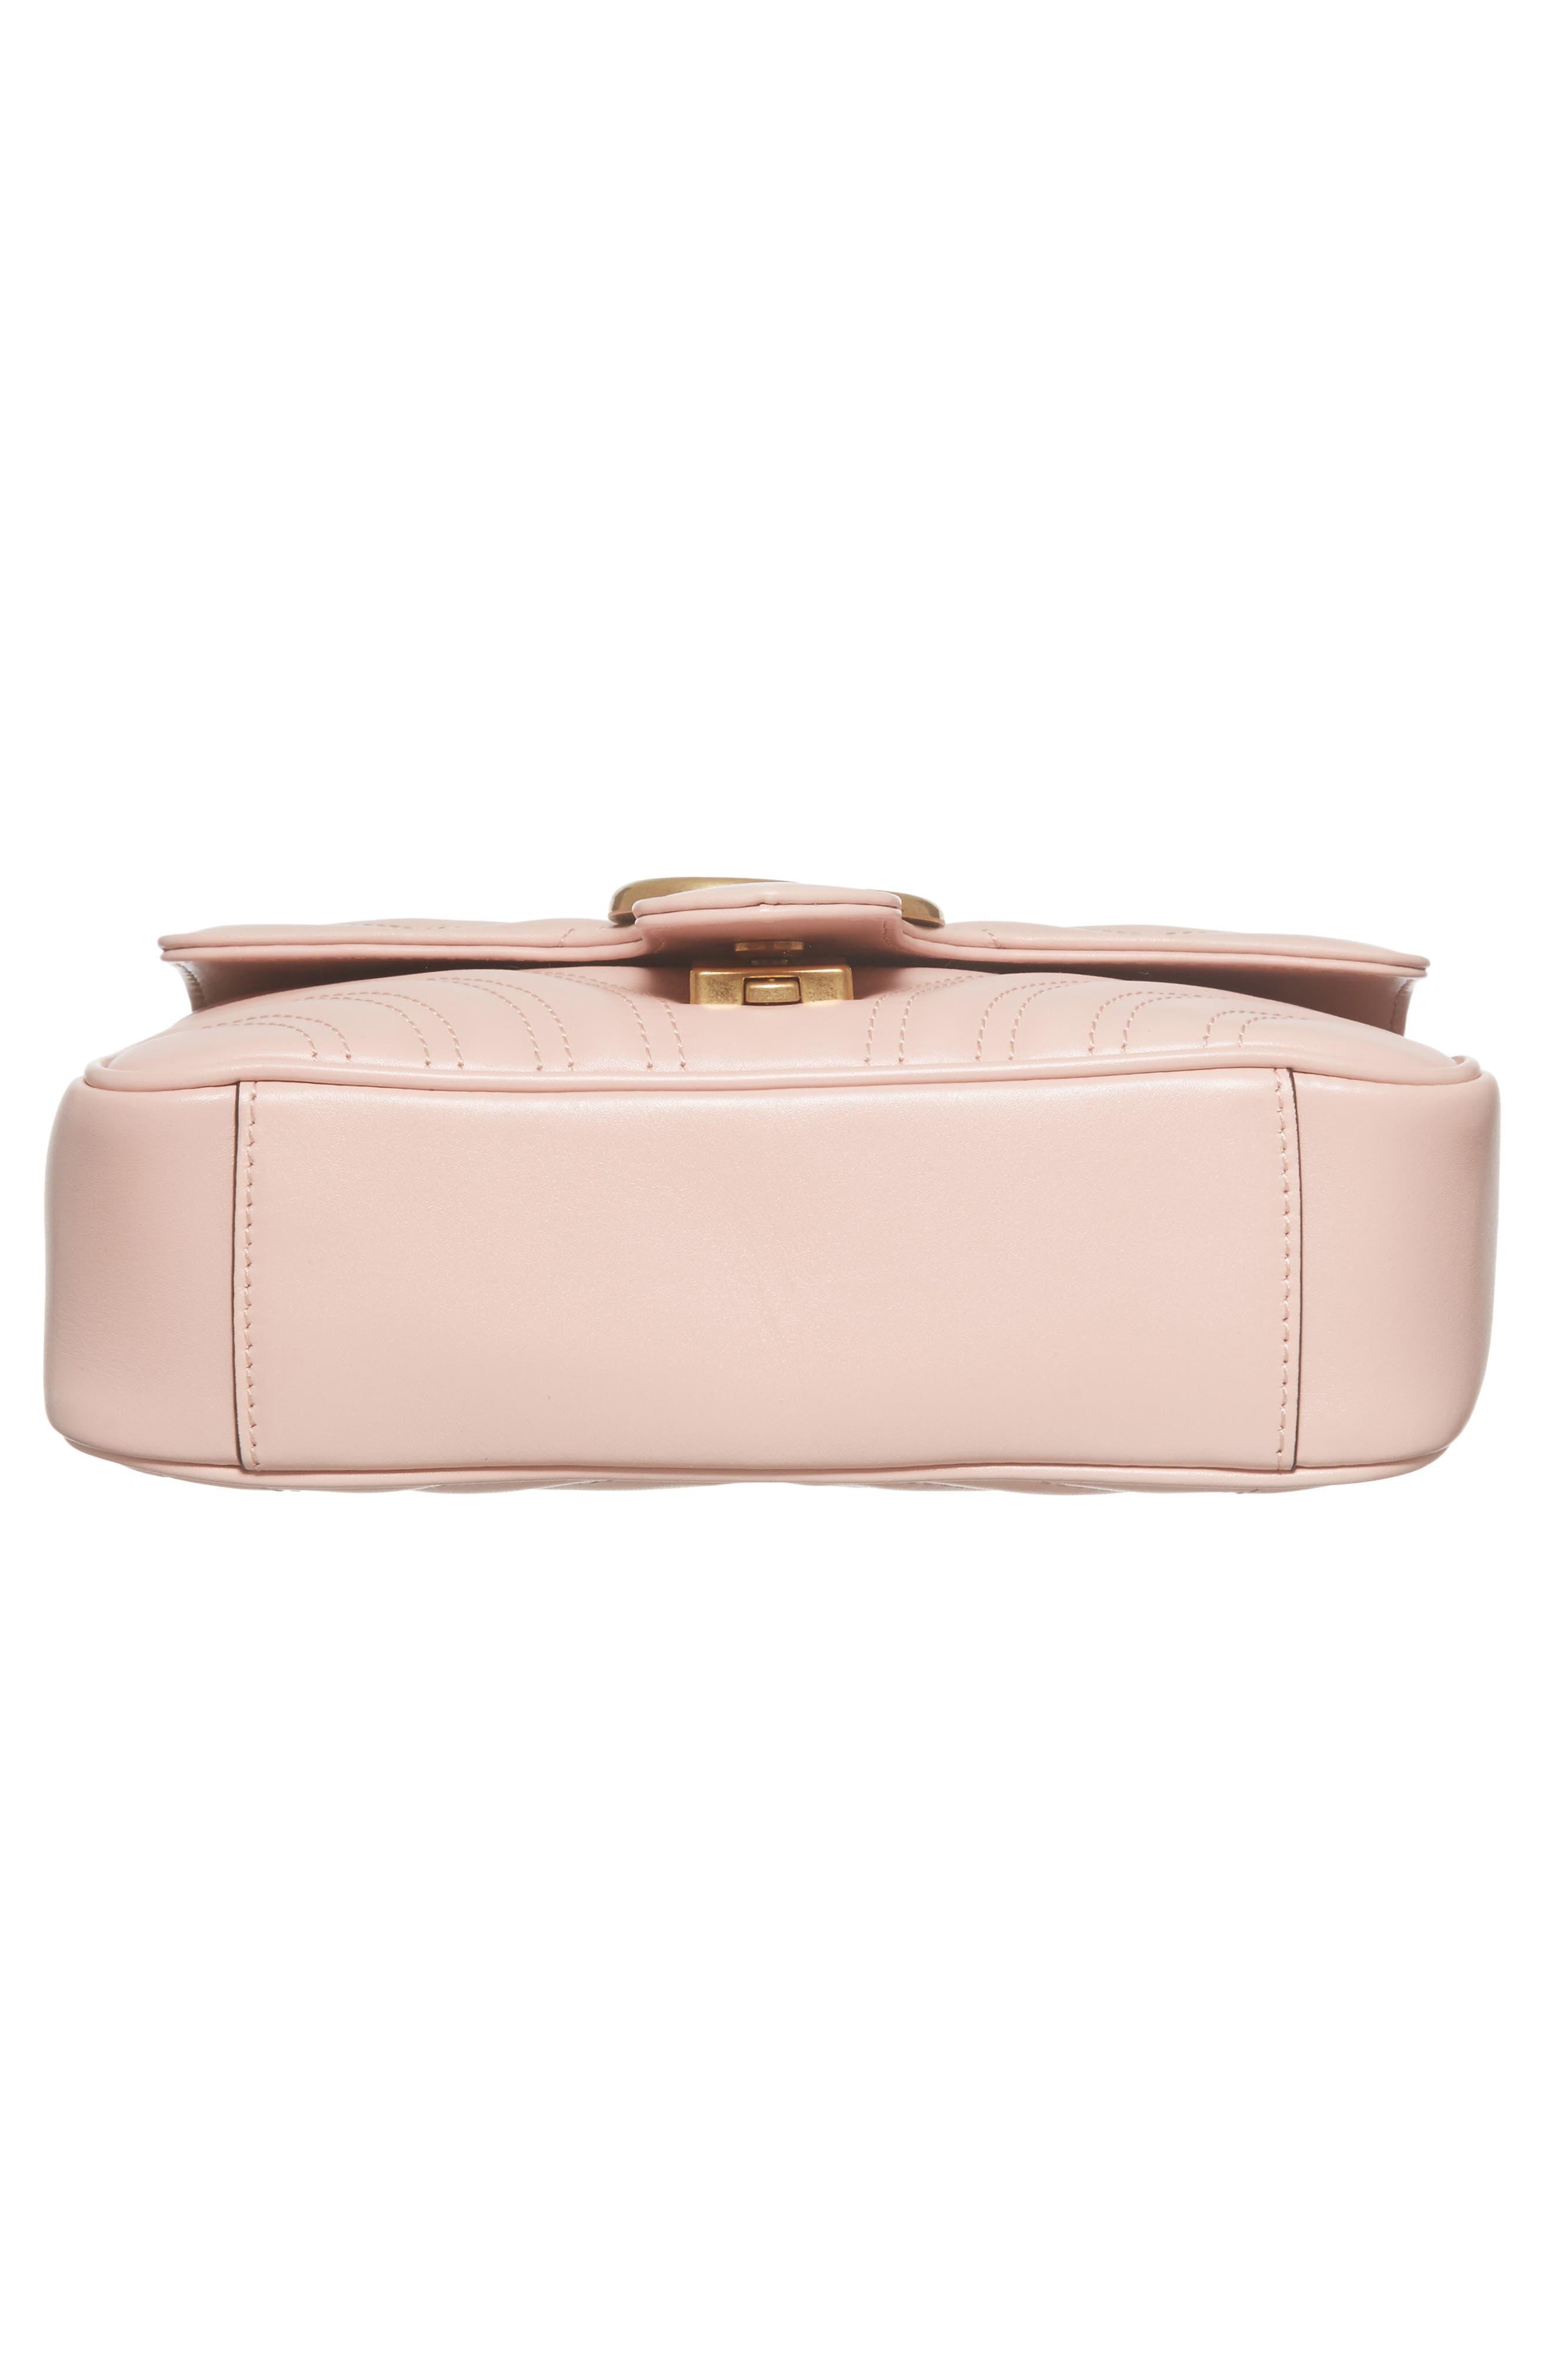 Mini GG Marmont 2.0 Matelassé Leather Shoulder Bag,                             Alternate thumbnail 5, color,                             Perfect Pink